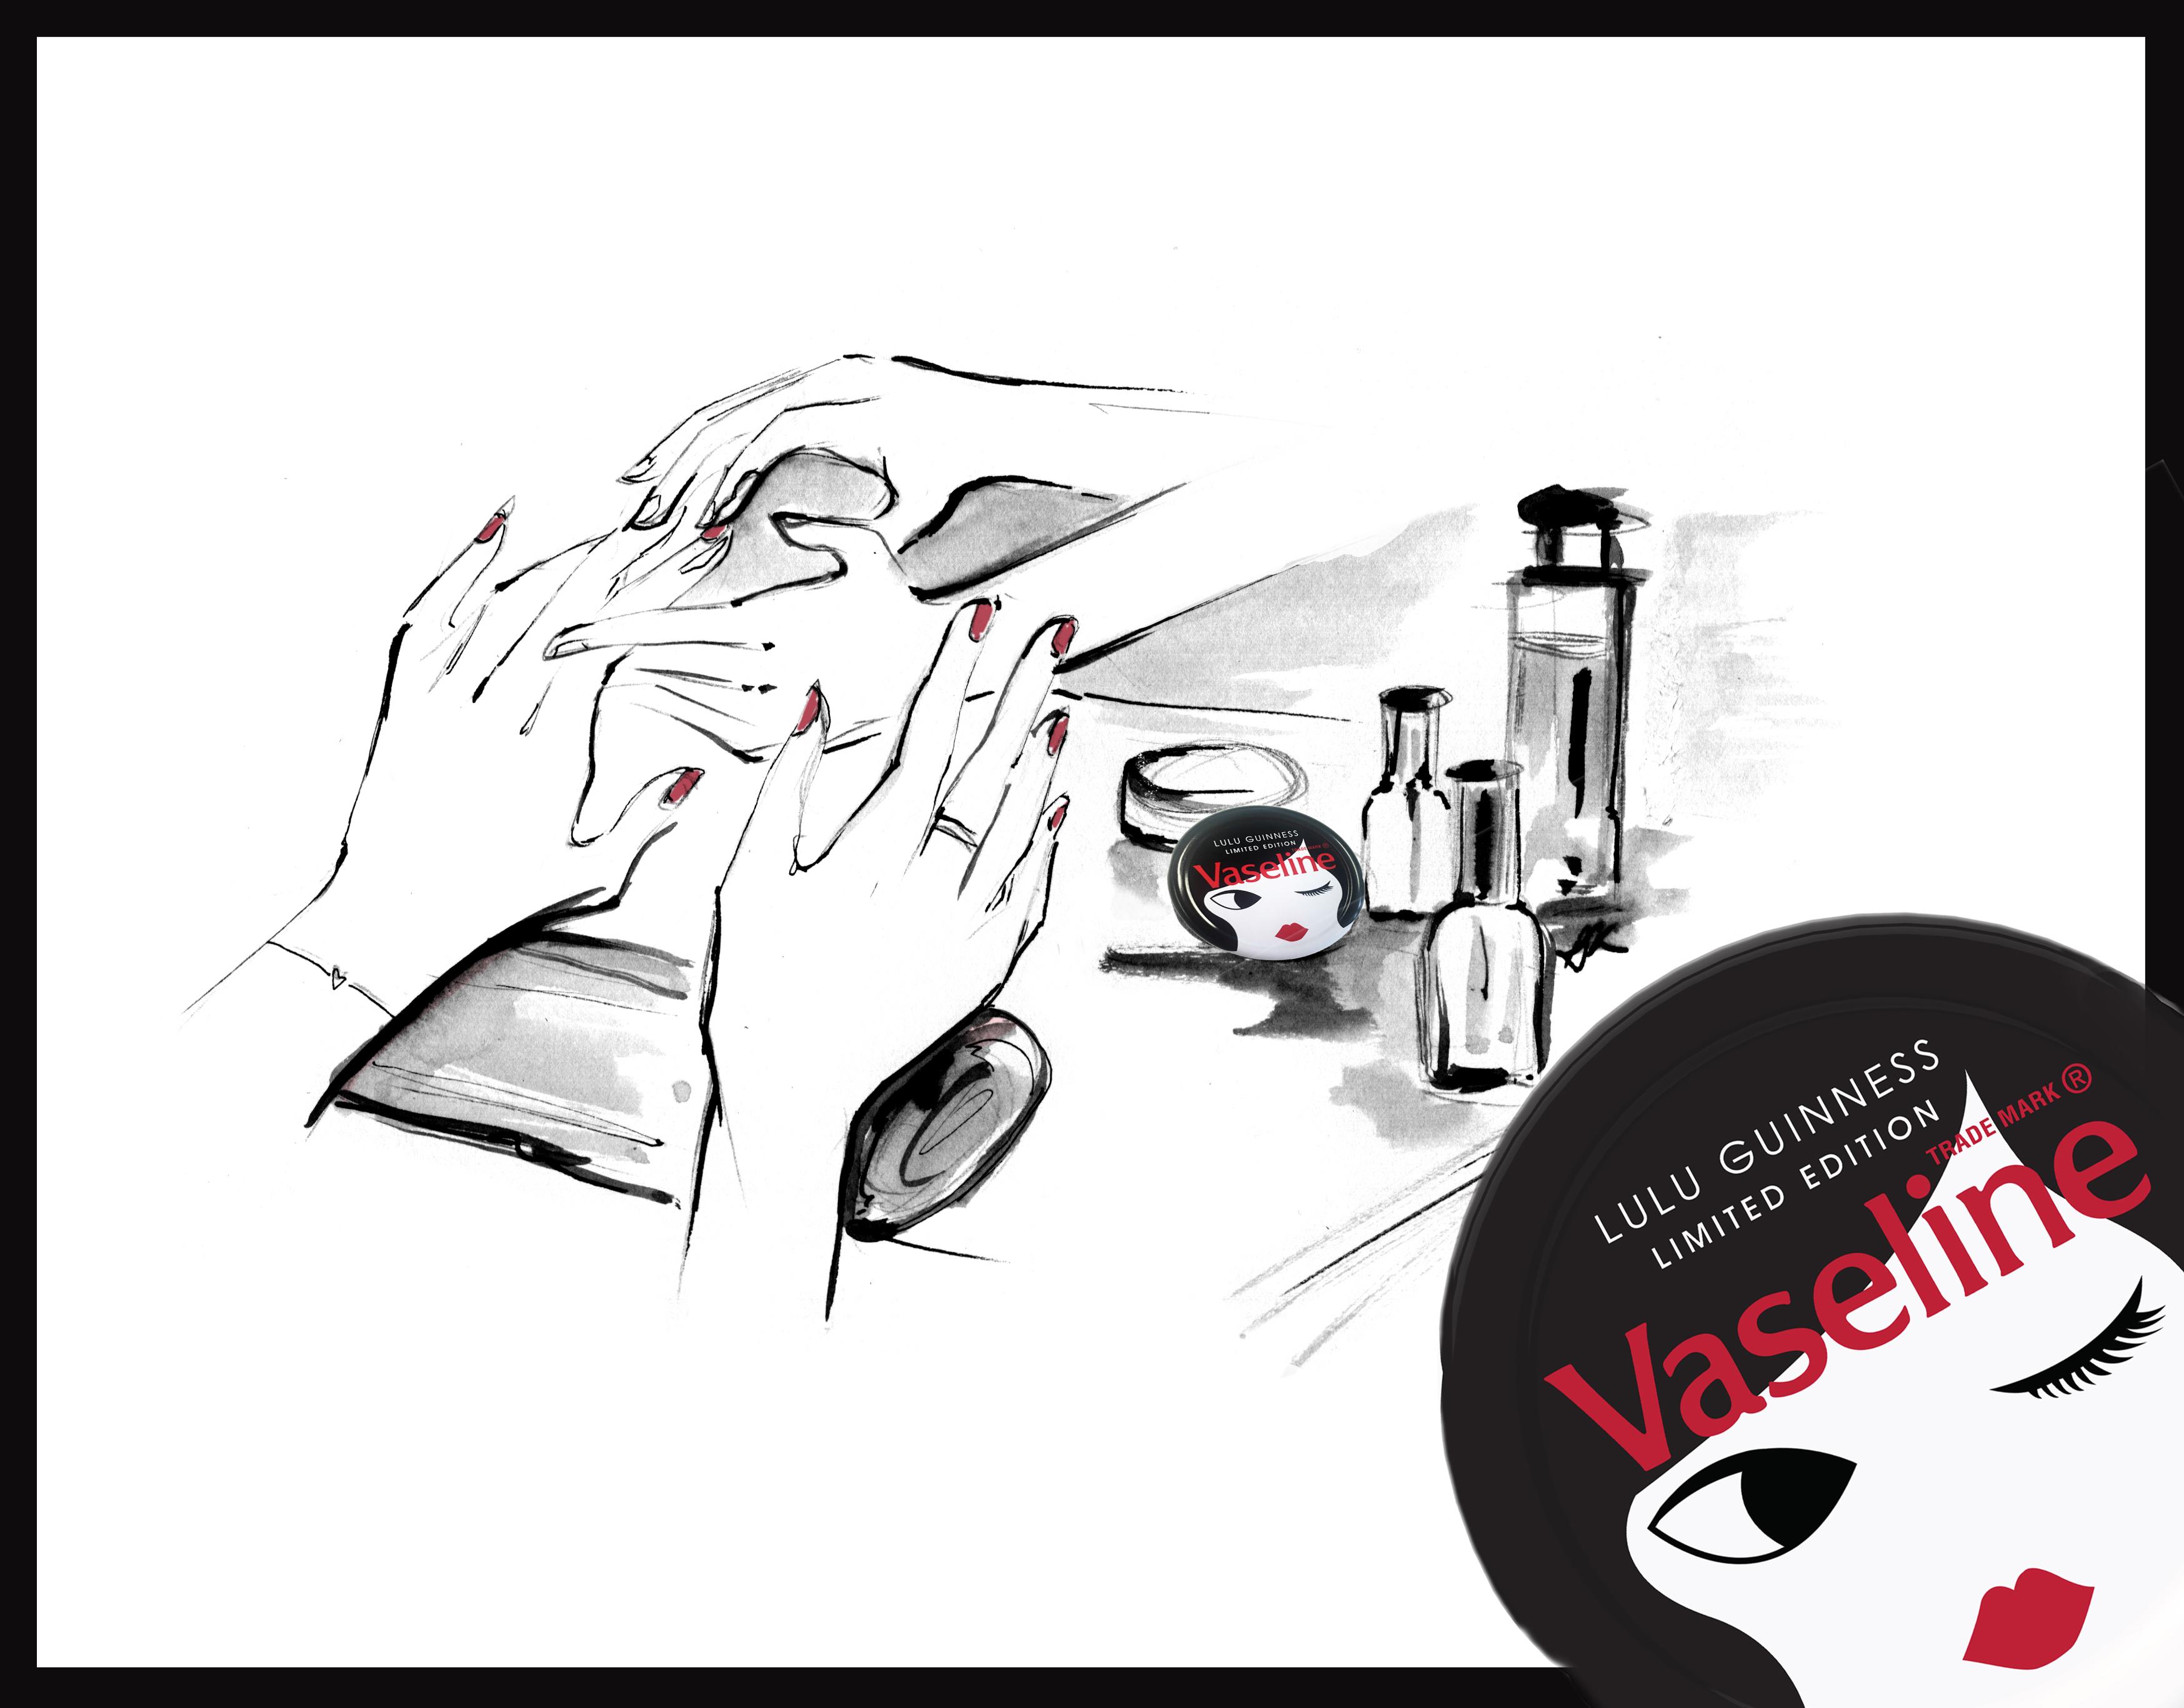 Vaseline - Nail Spa